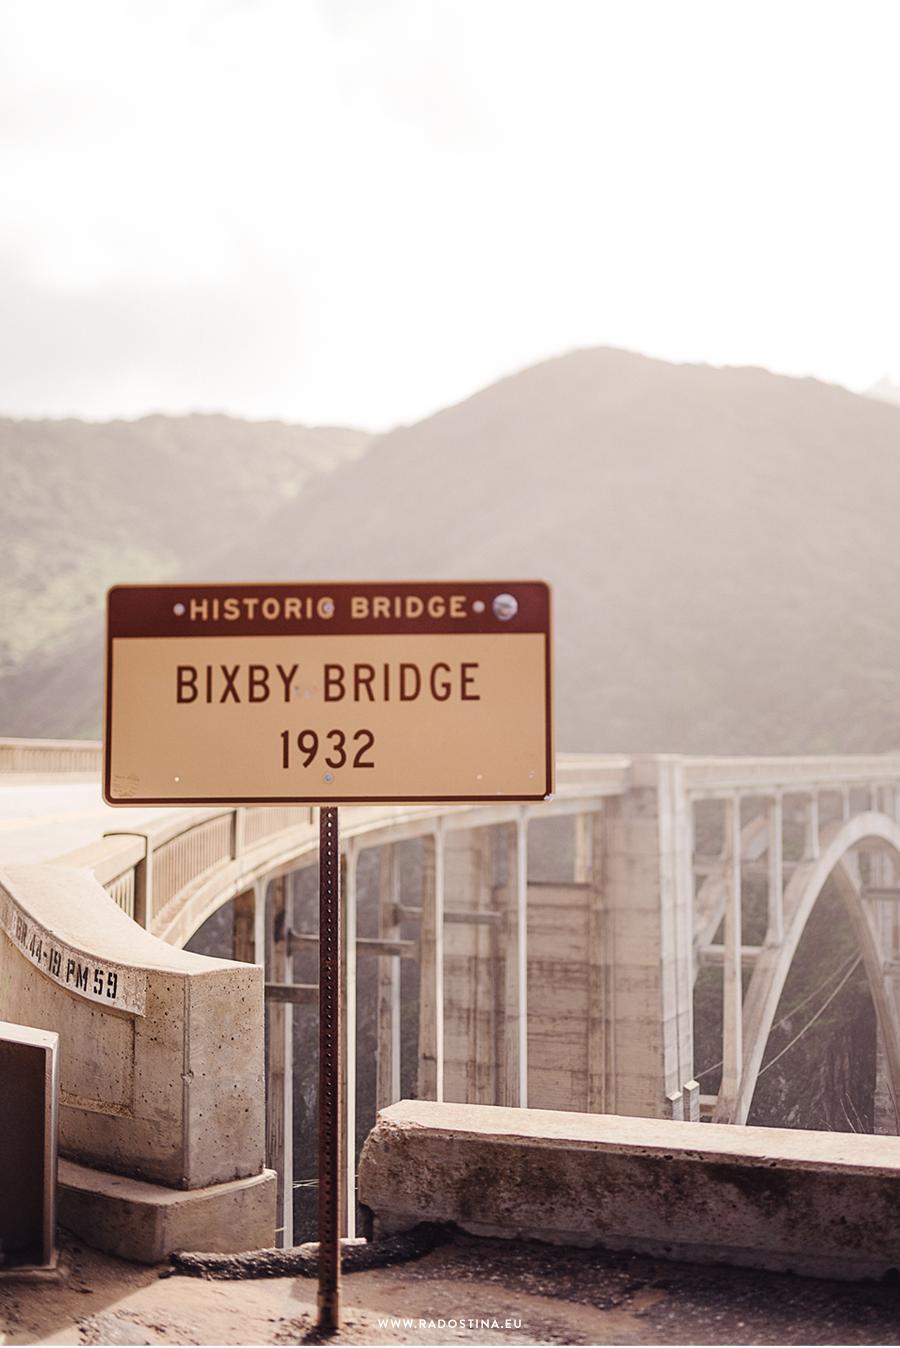 radostina_bixby_bridge_01.png